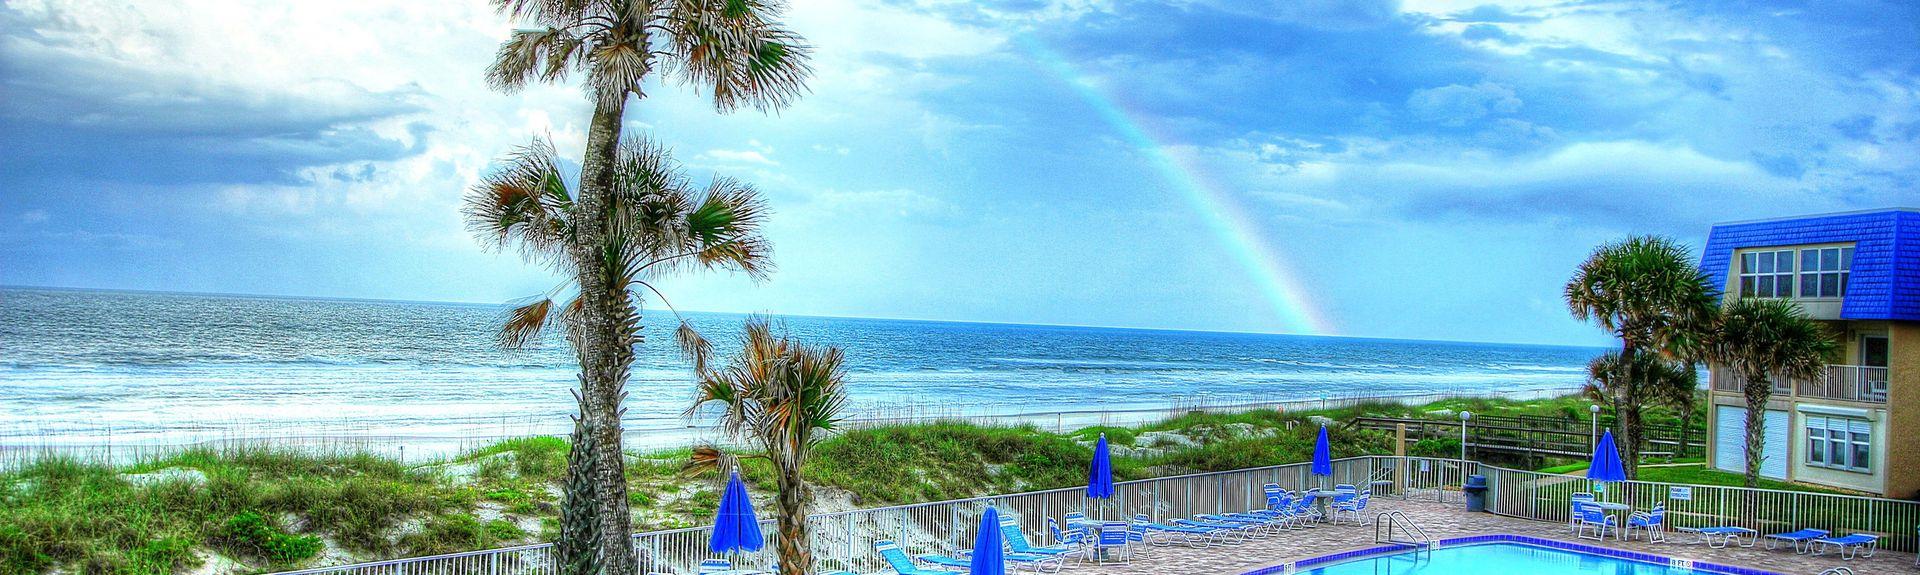 Crescent Sandpiper, Crescent Beach, FL, USA